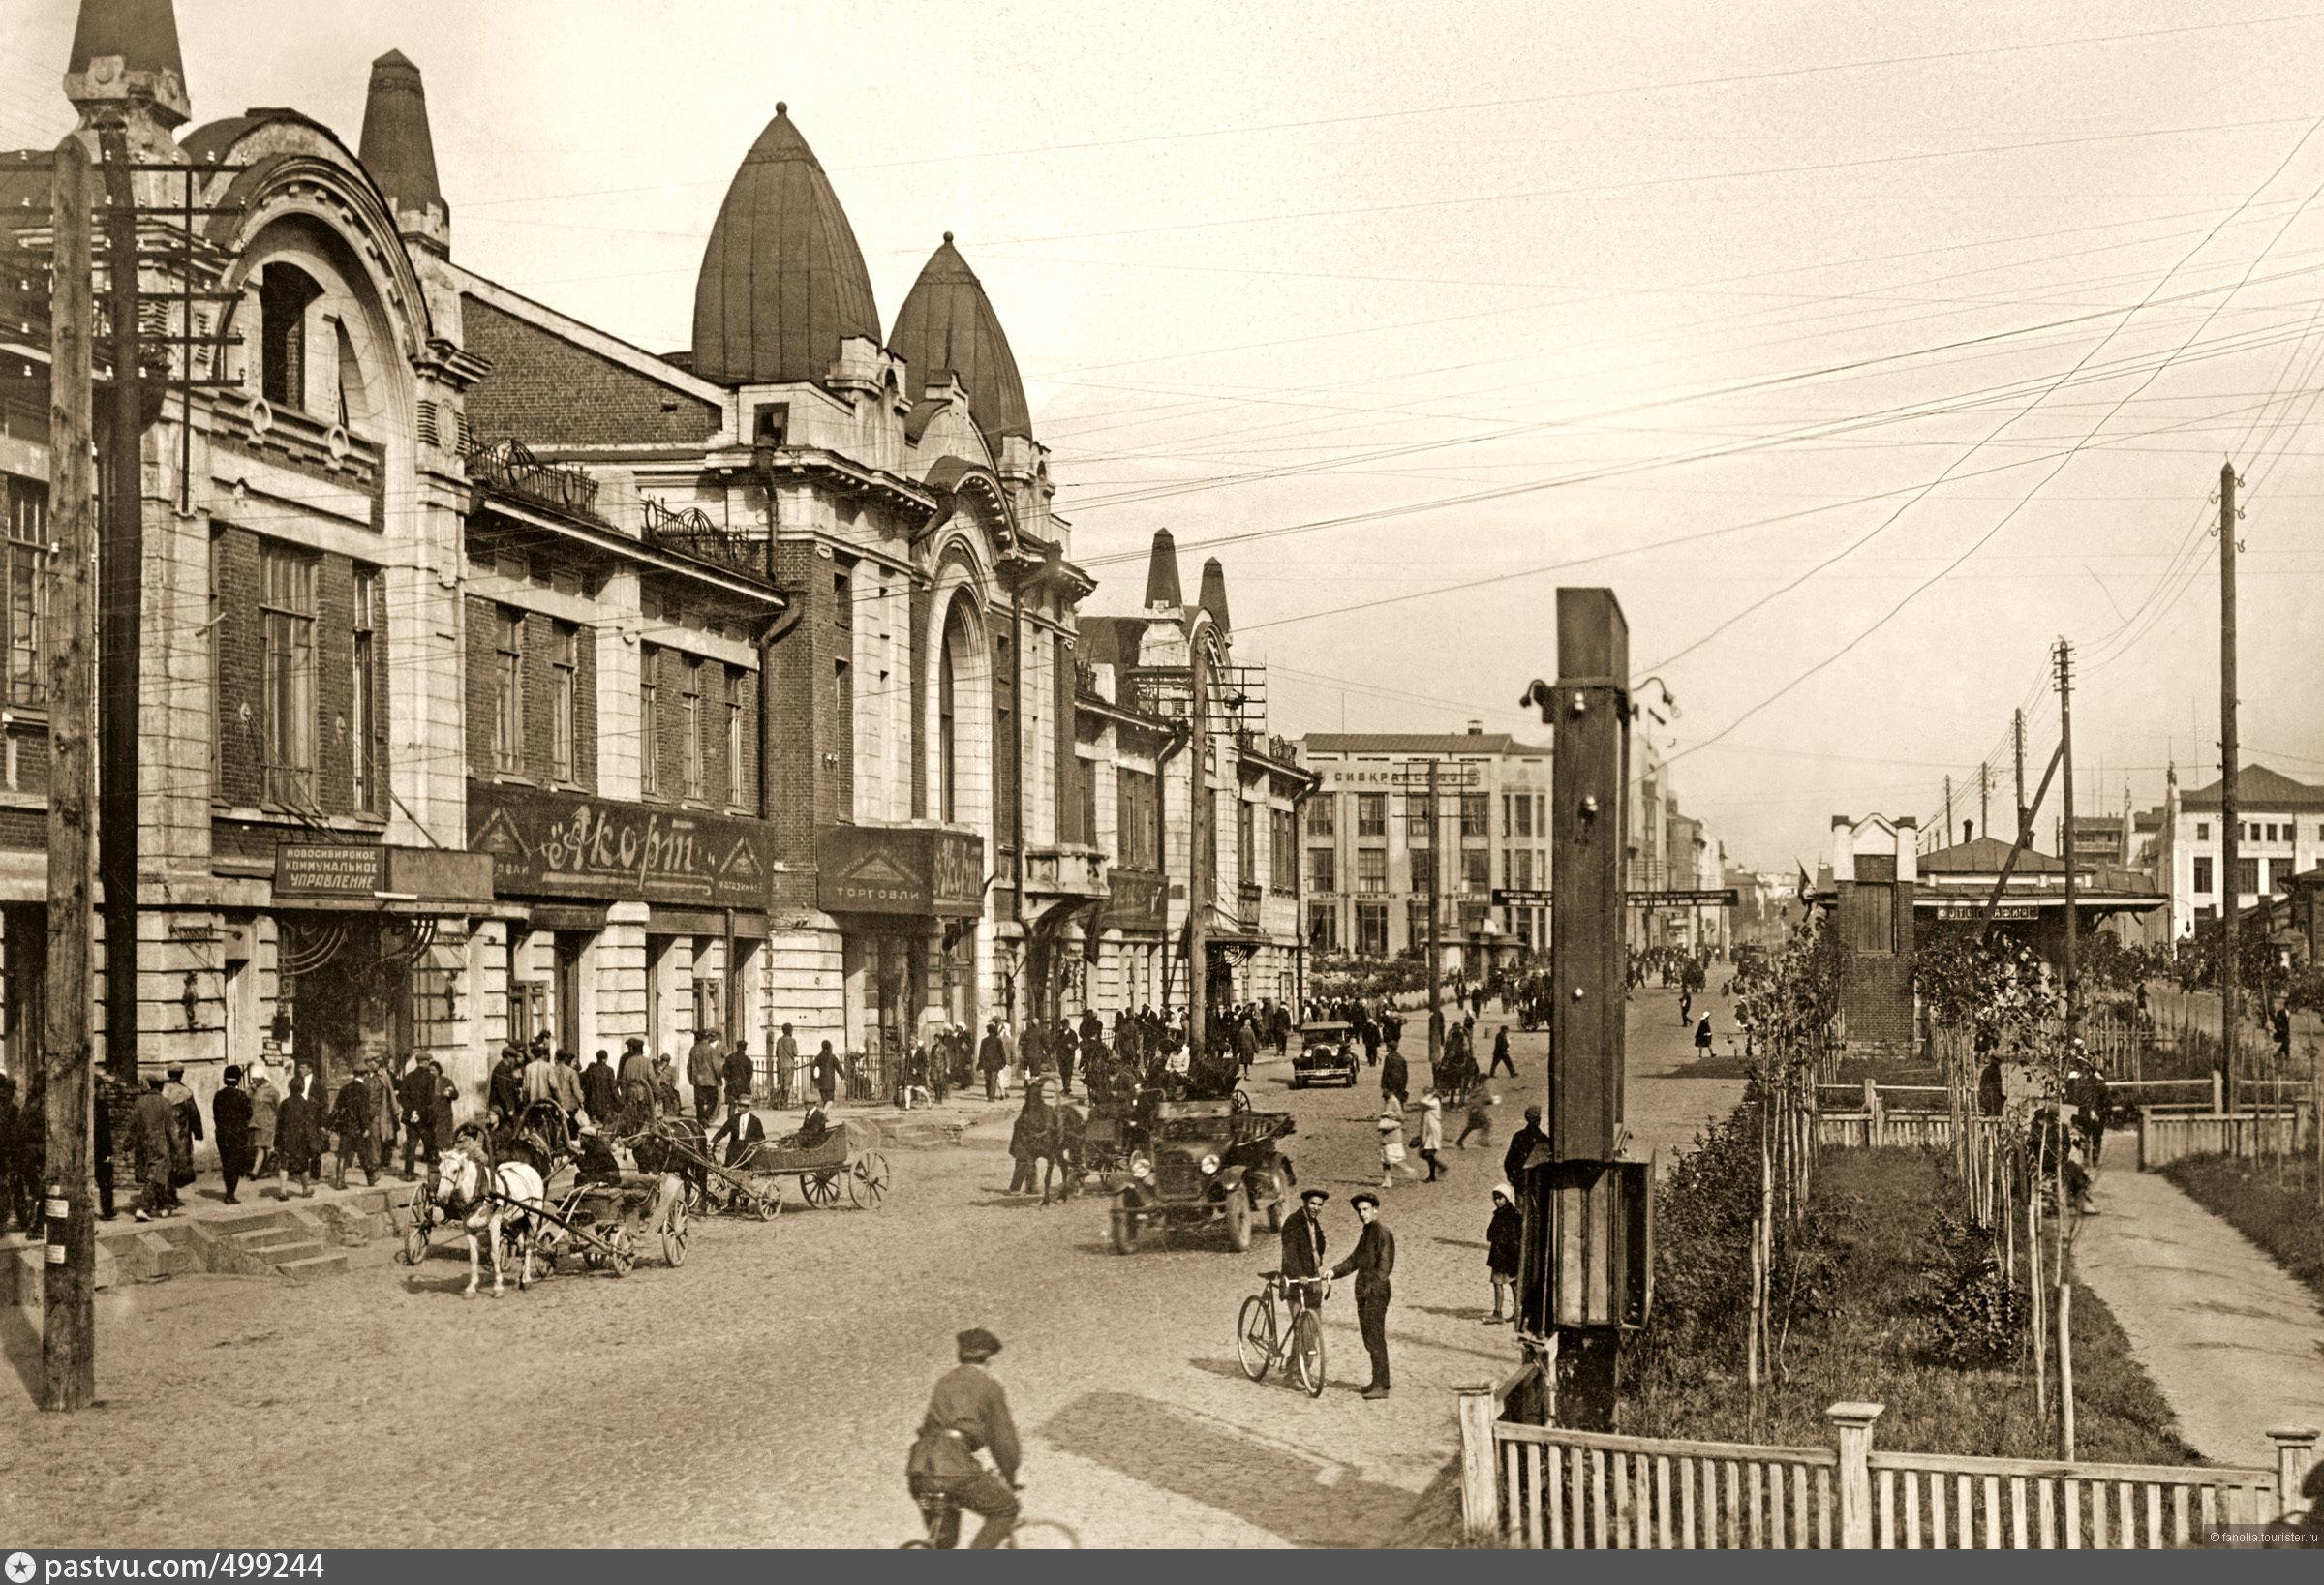 Велосипеды, телеги и автомобили. Новосибирск в начале 30-х.